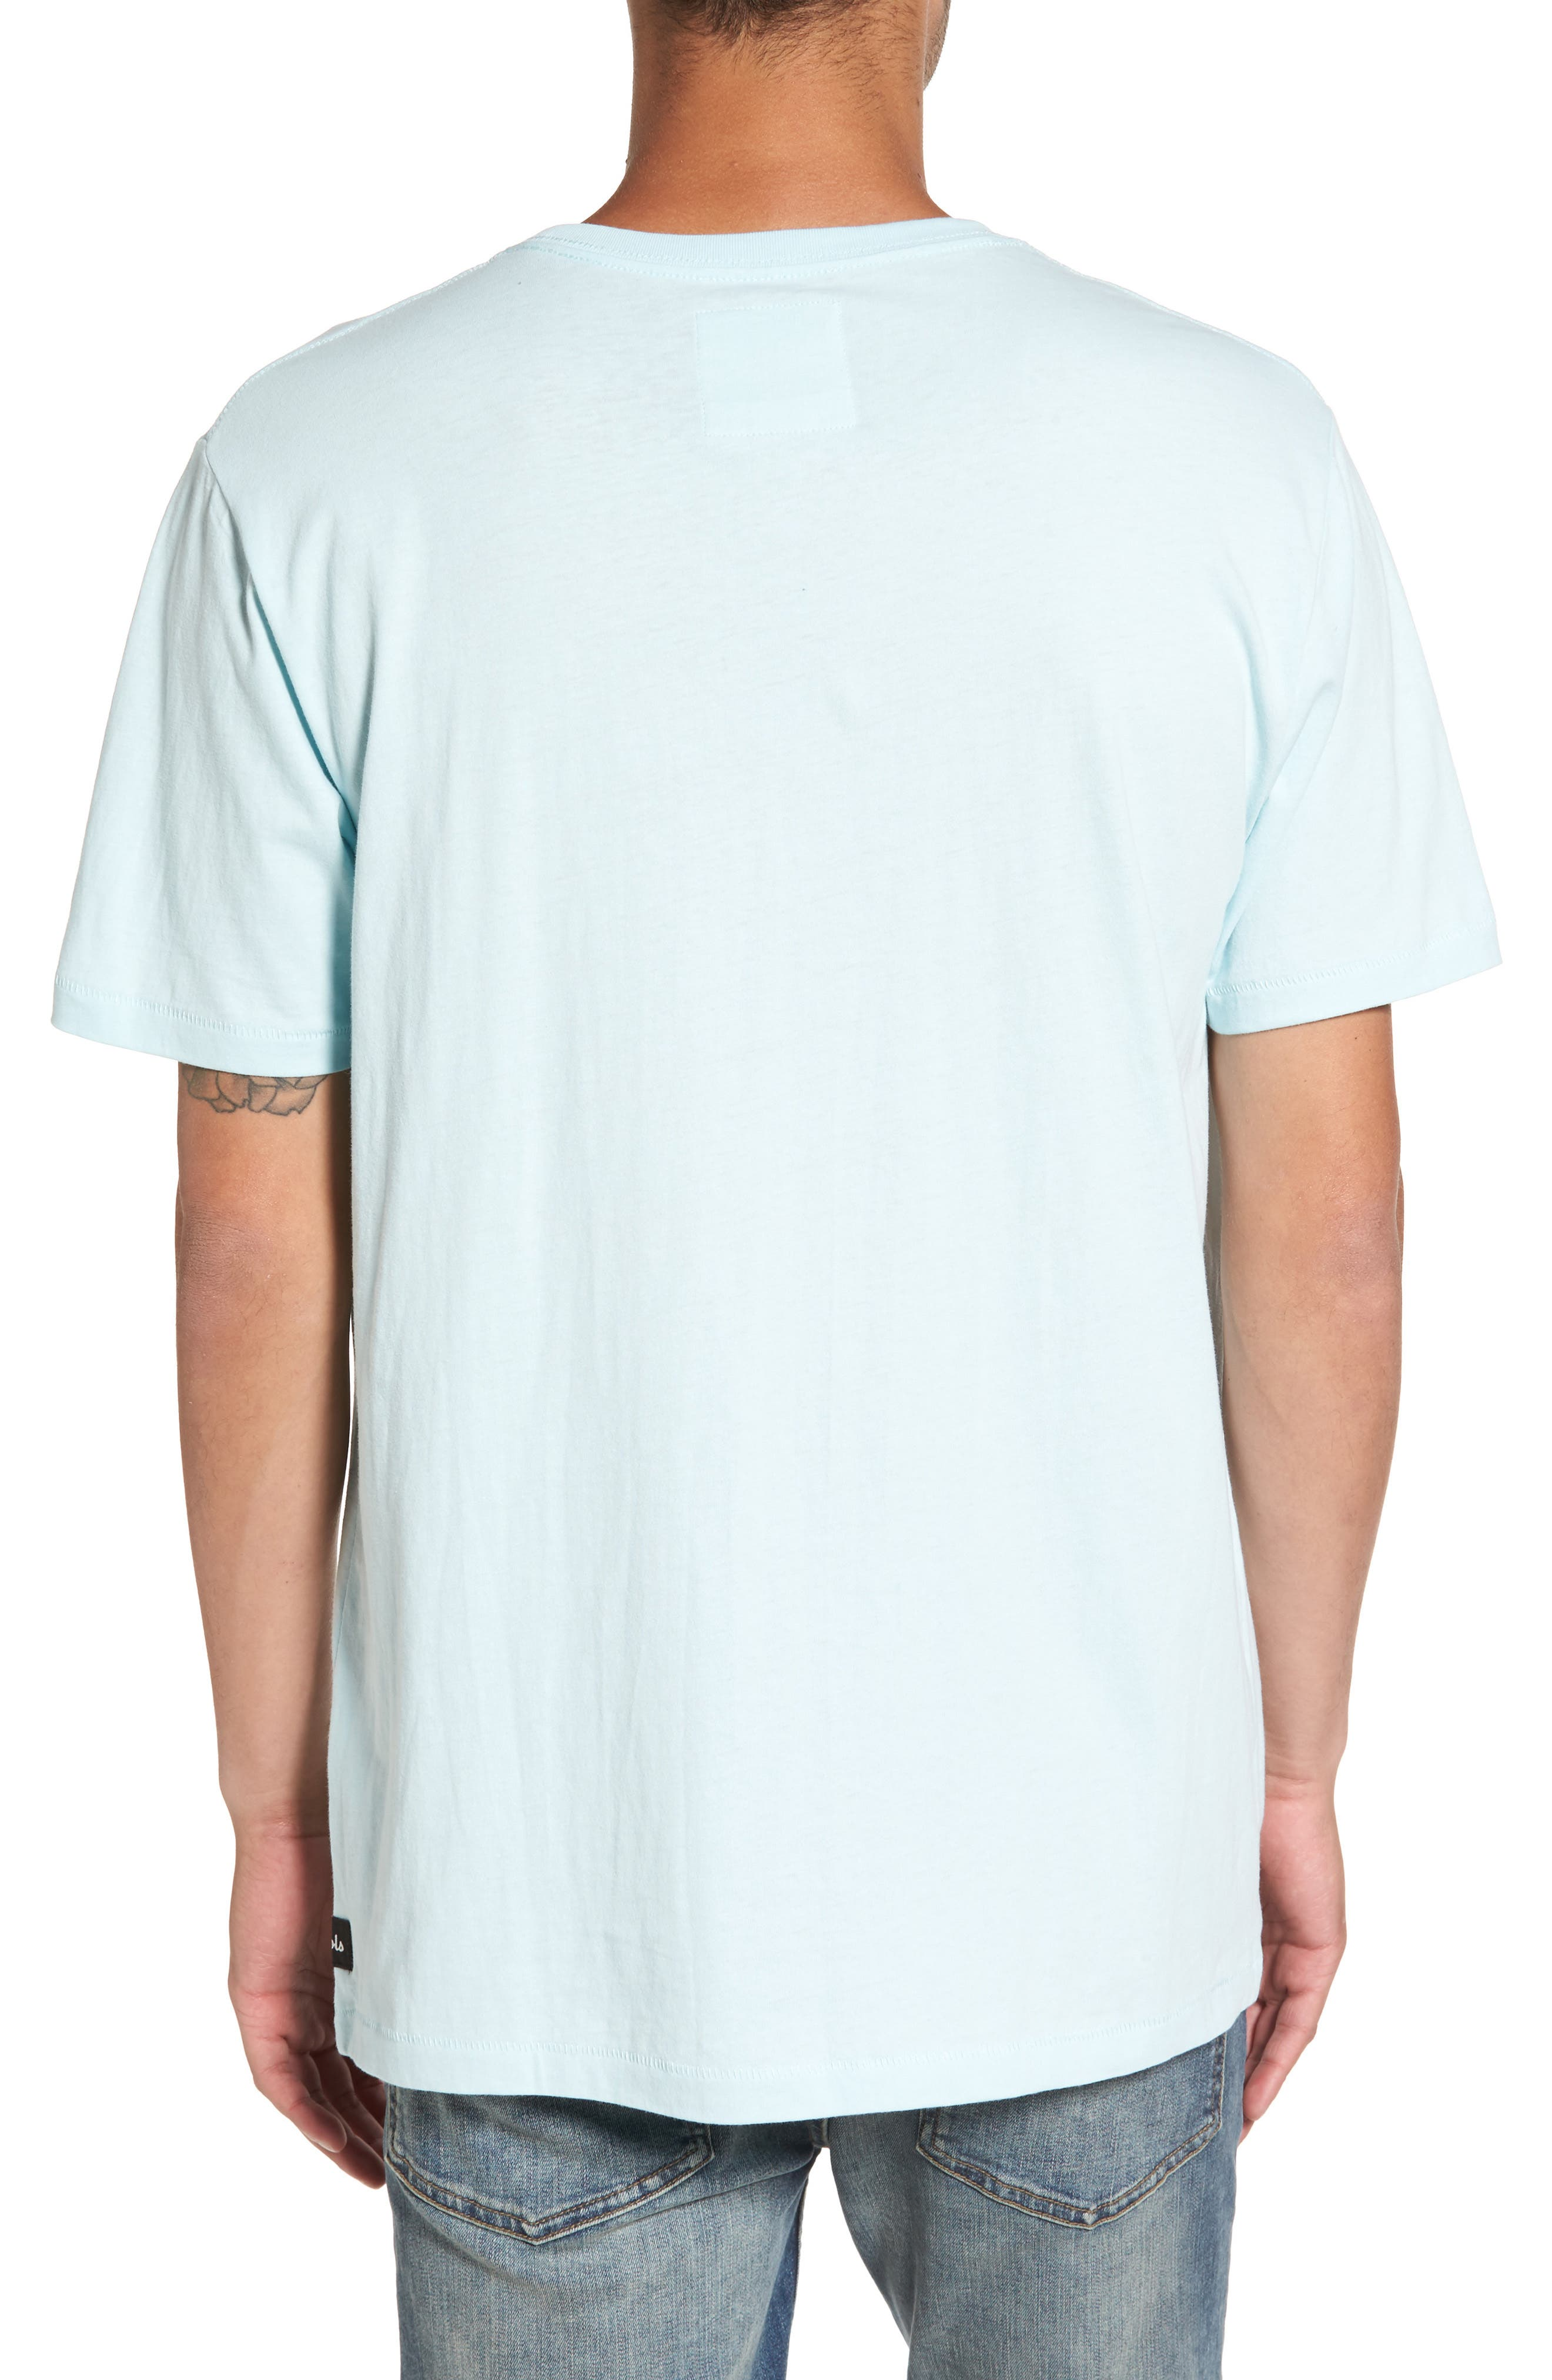 Aeroplane Appliqué T-Shirt,                             Alternate thumbnail 2, color,                             440